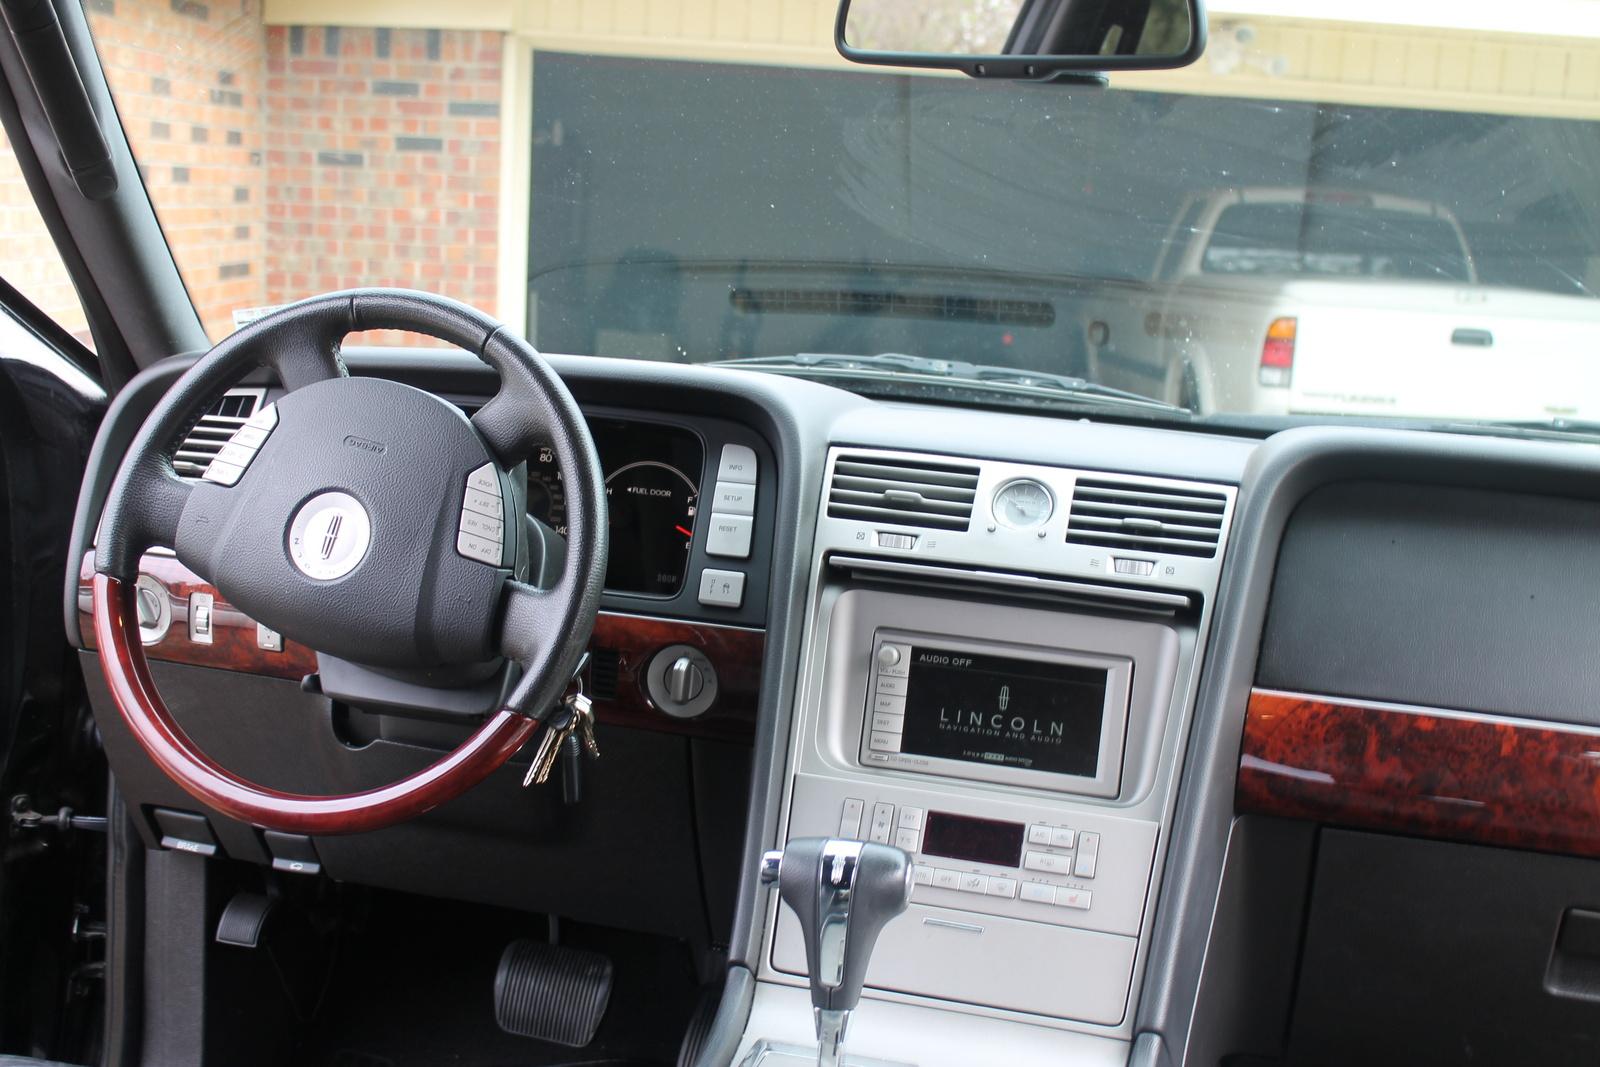 2006 Lincoln Navigator Interior Pictures Cargurus